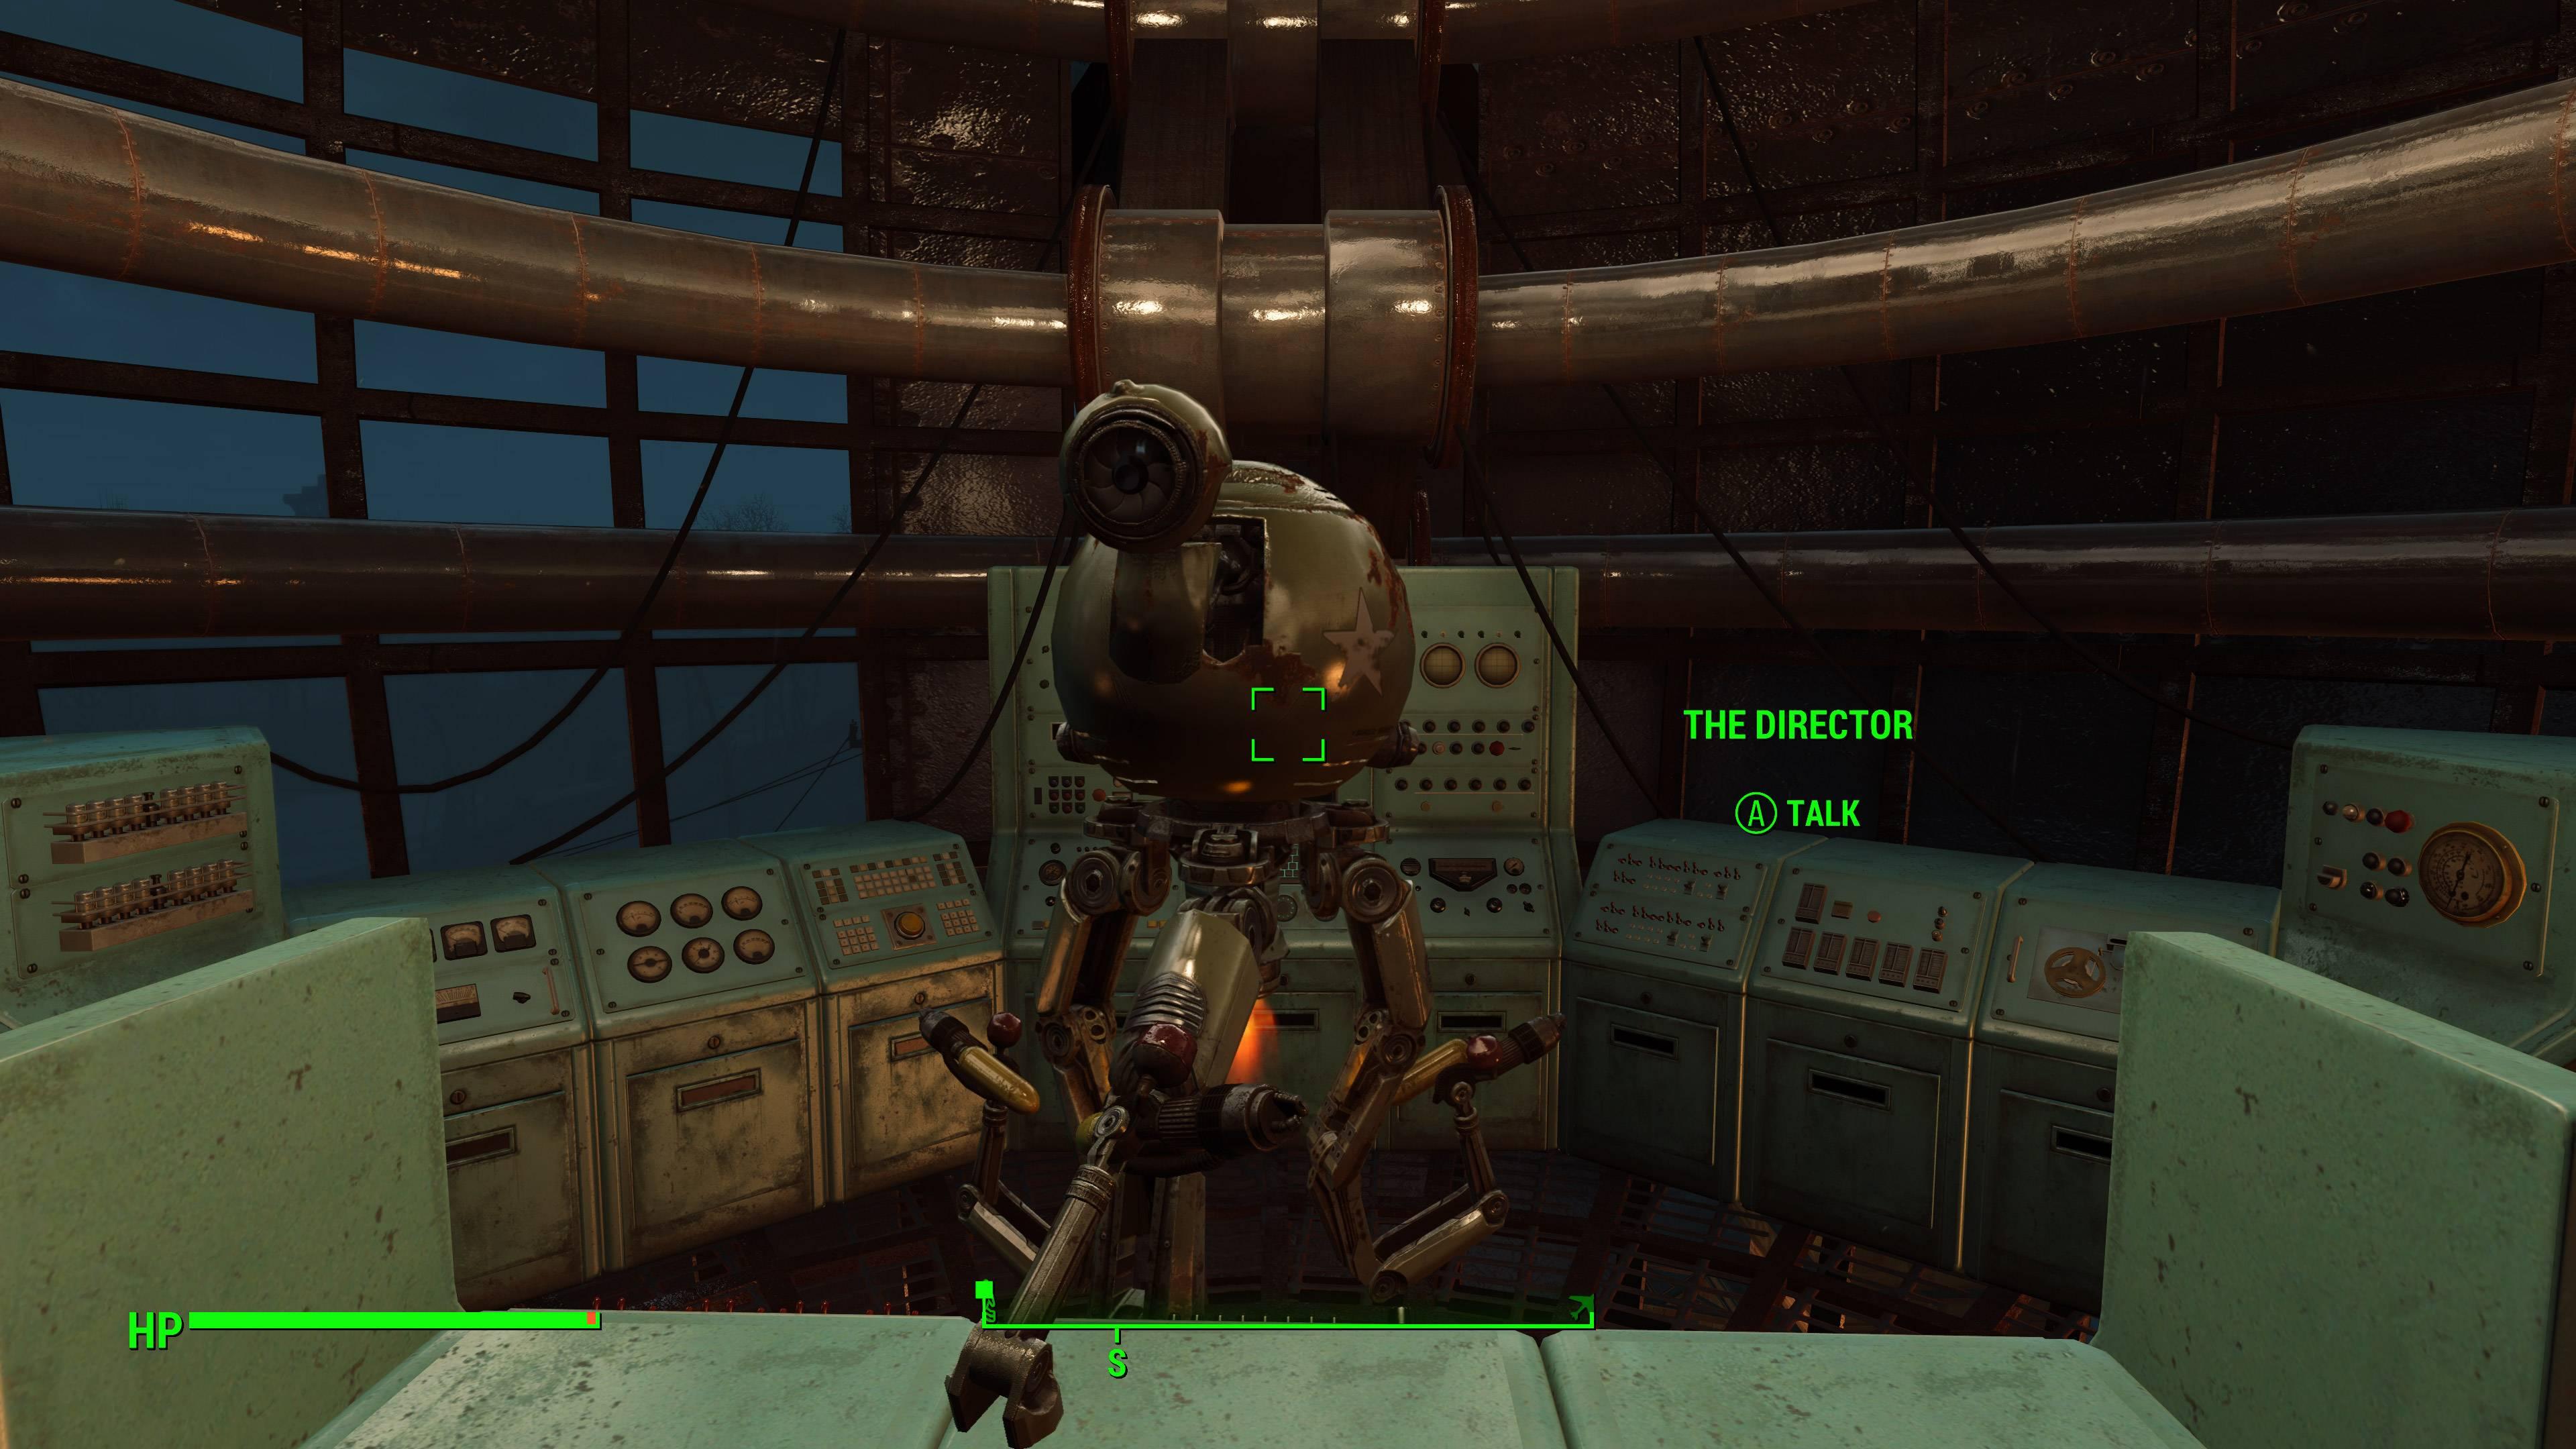 PC verzi Falloutu 4 můžete obohatit o textury ve vysokém rozlišení 138016